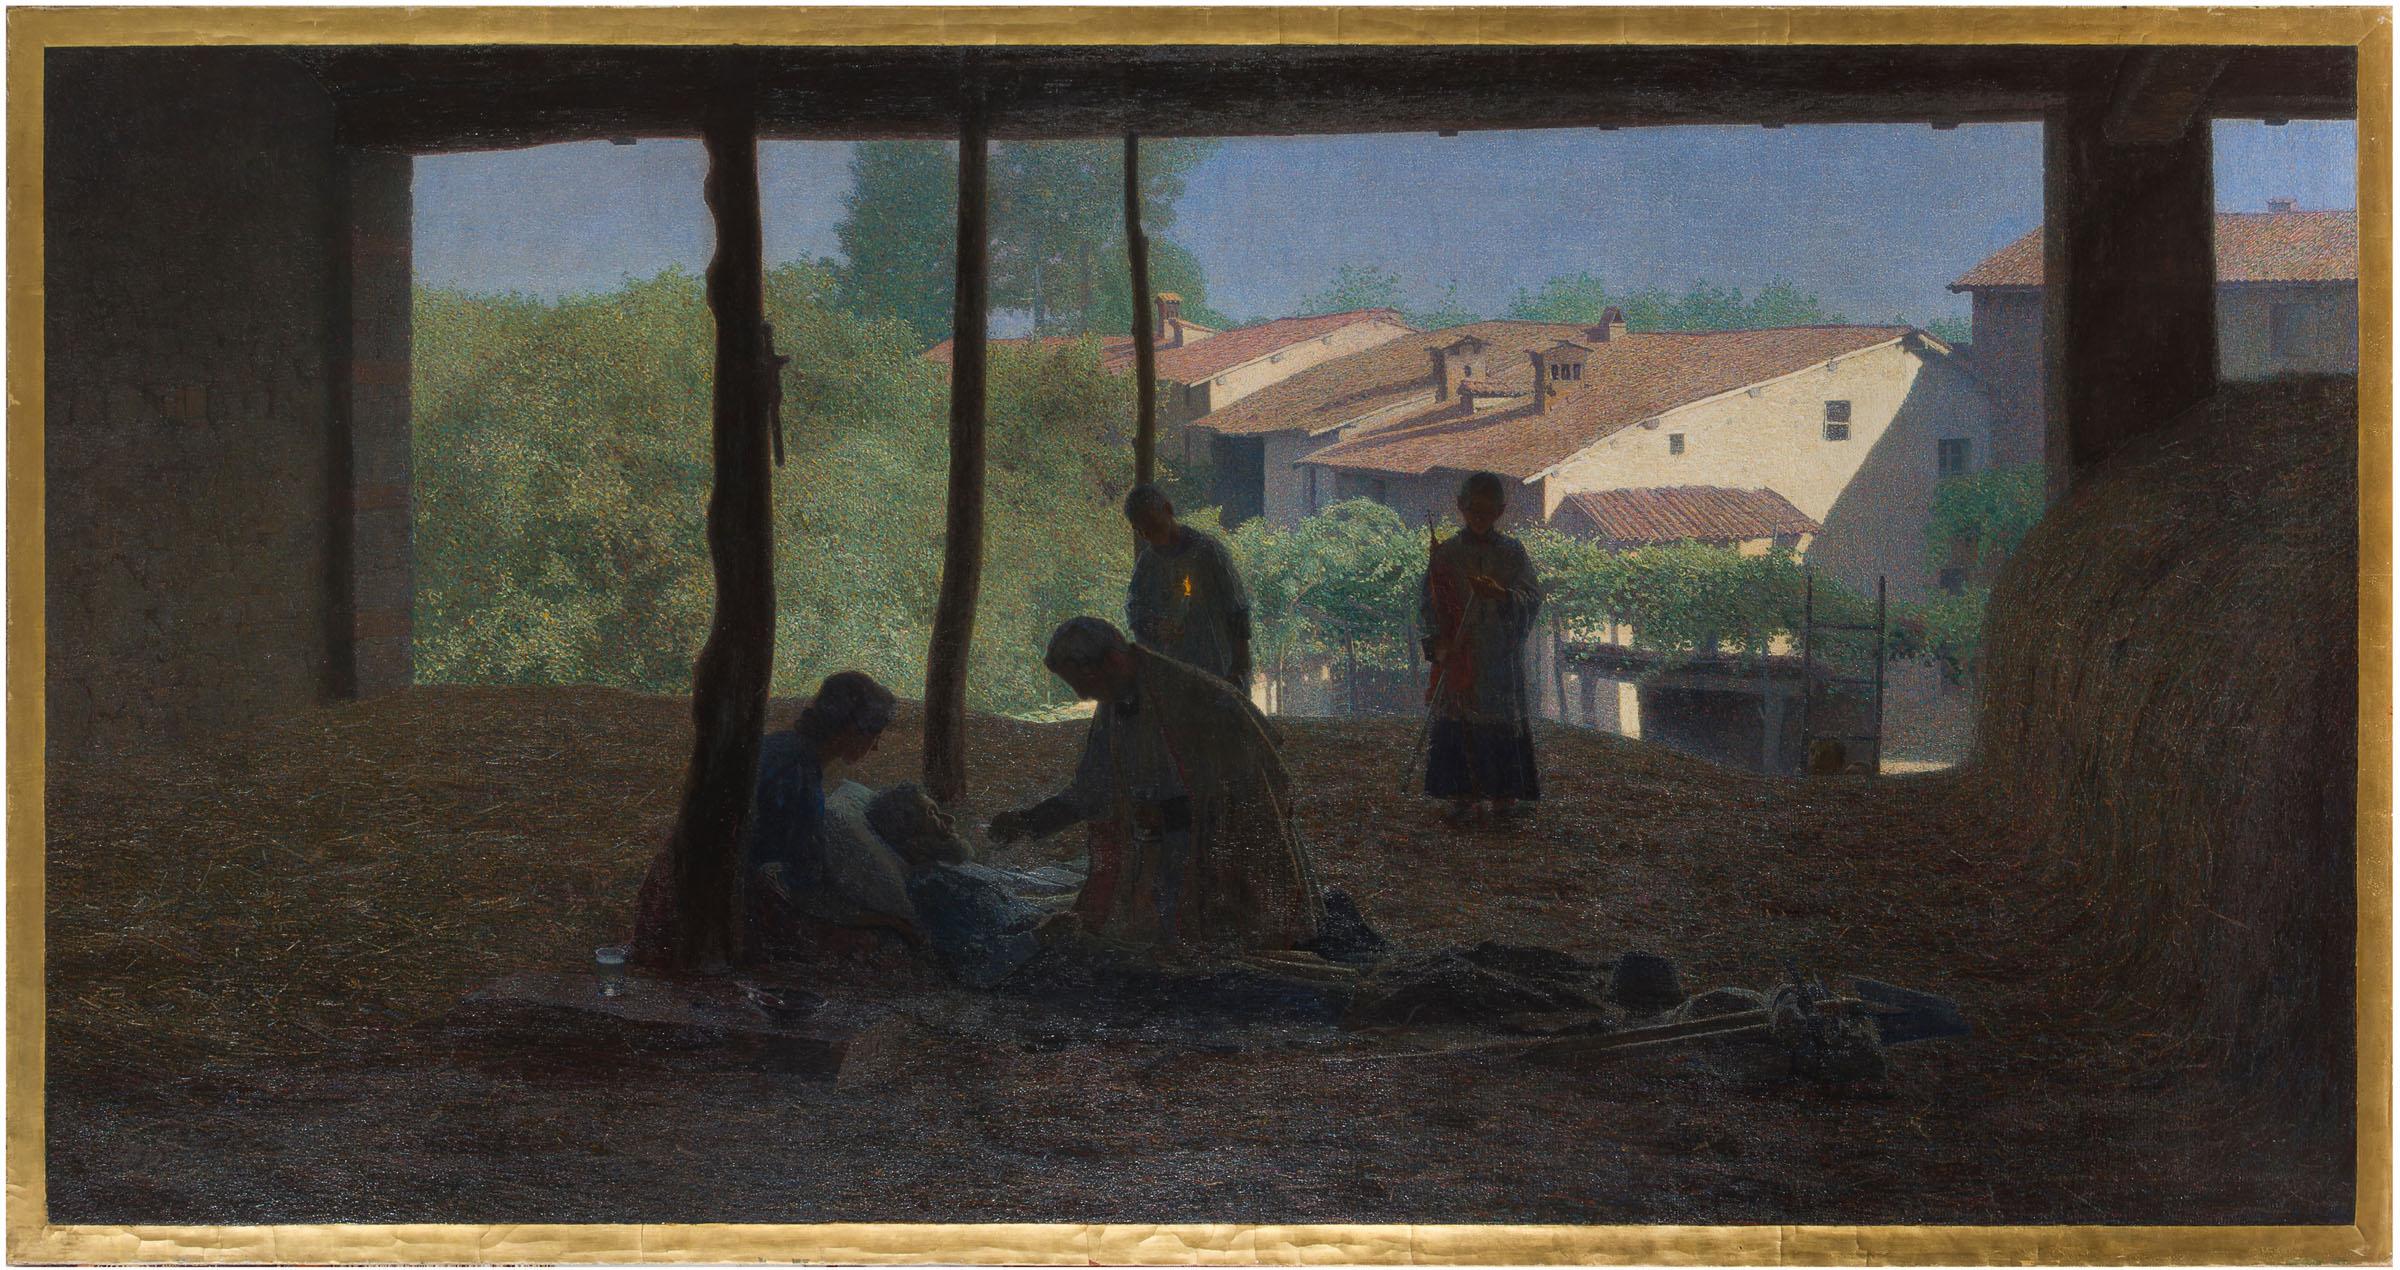 """Una mostra su Giuseppe Pellizza da Volpedo nel suo borgo natale riporta """"Sul fienile"""" nel luogo in cui fu concepito"""